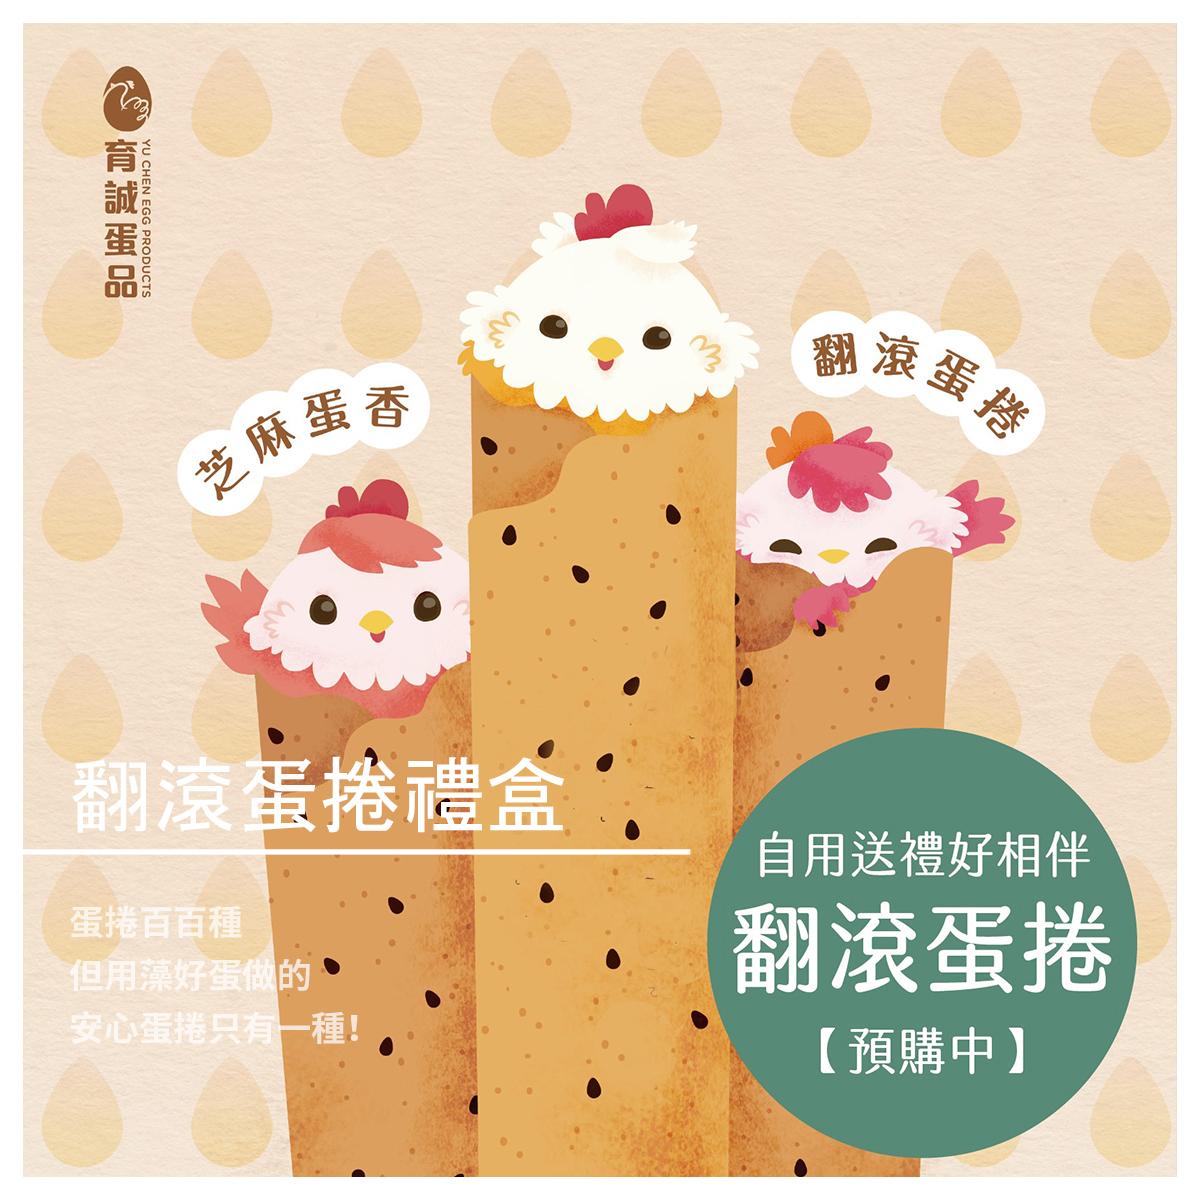 【育誠藻好蛋】翻滾蛋捲禮盒 3盒 / 開團預購中!!!